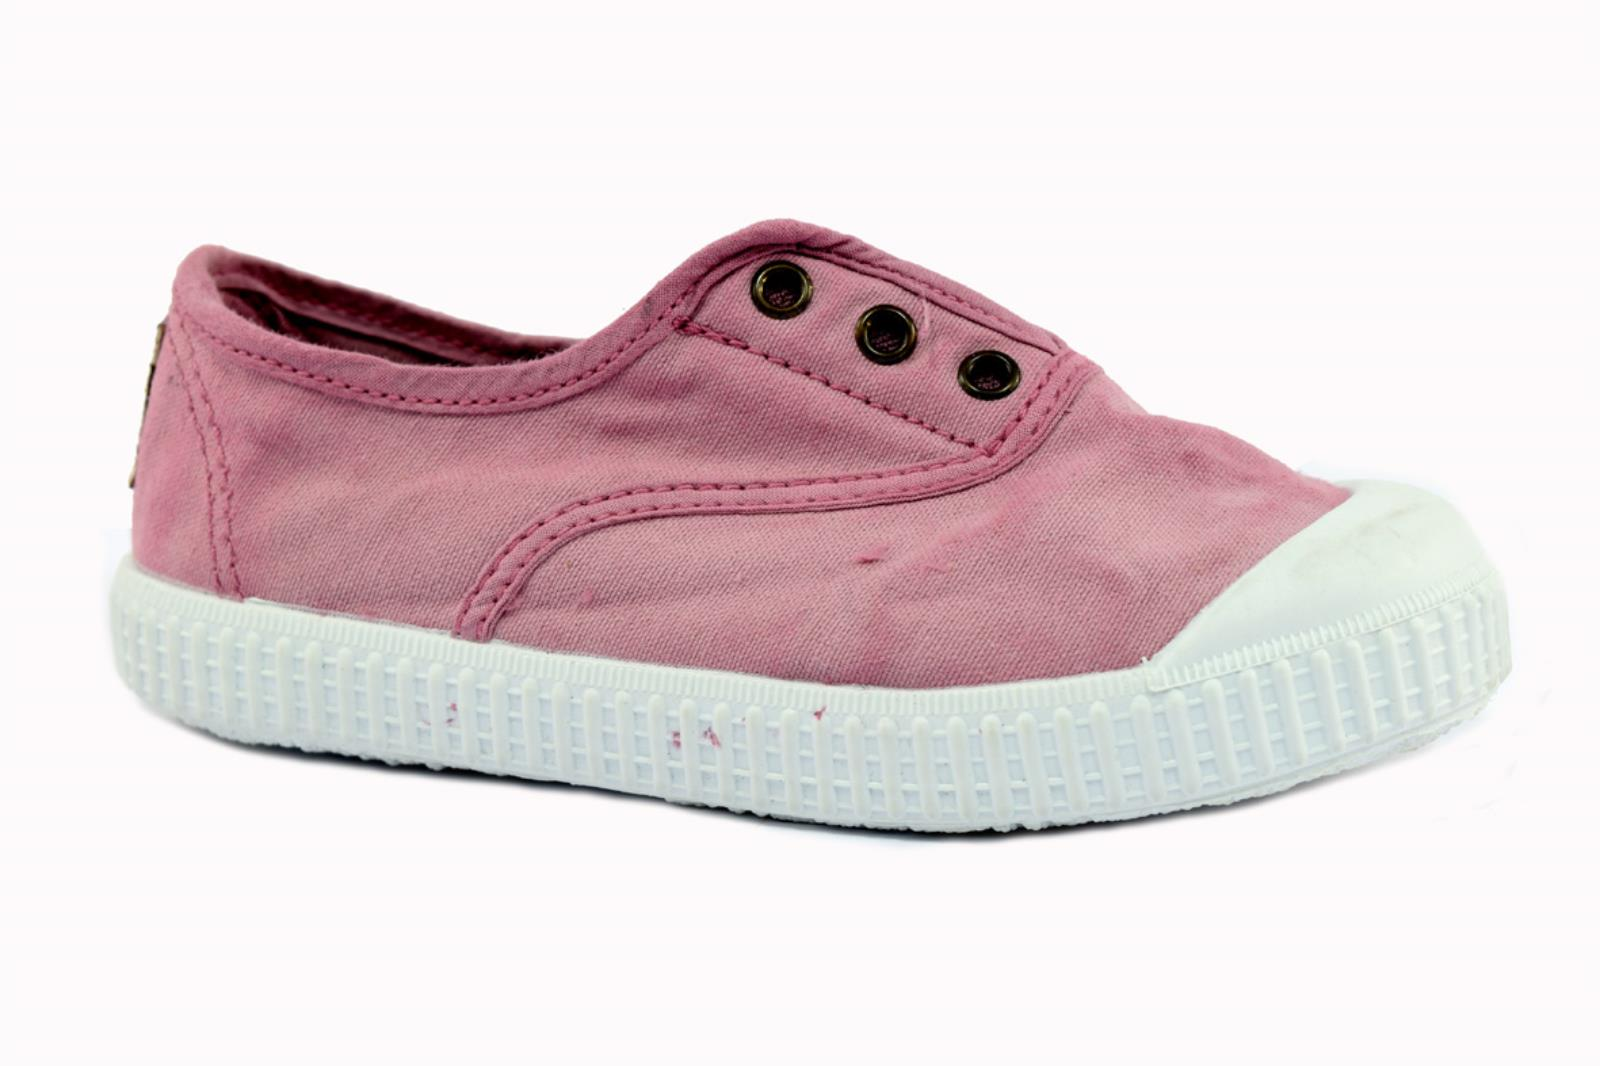 tg Escursionismo Rosa 29 rosa Victoria camminata da ed Scarpe 8r8q5va